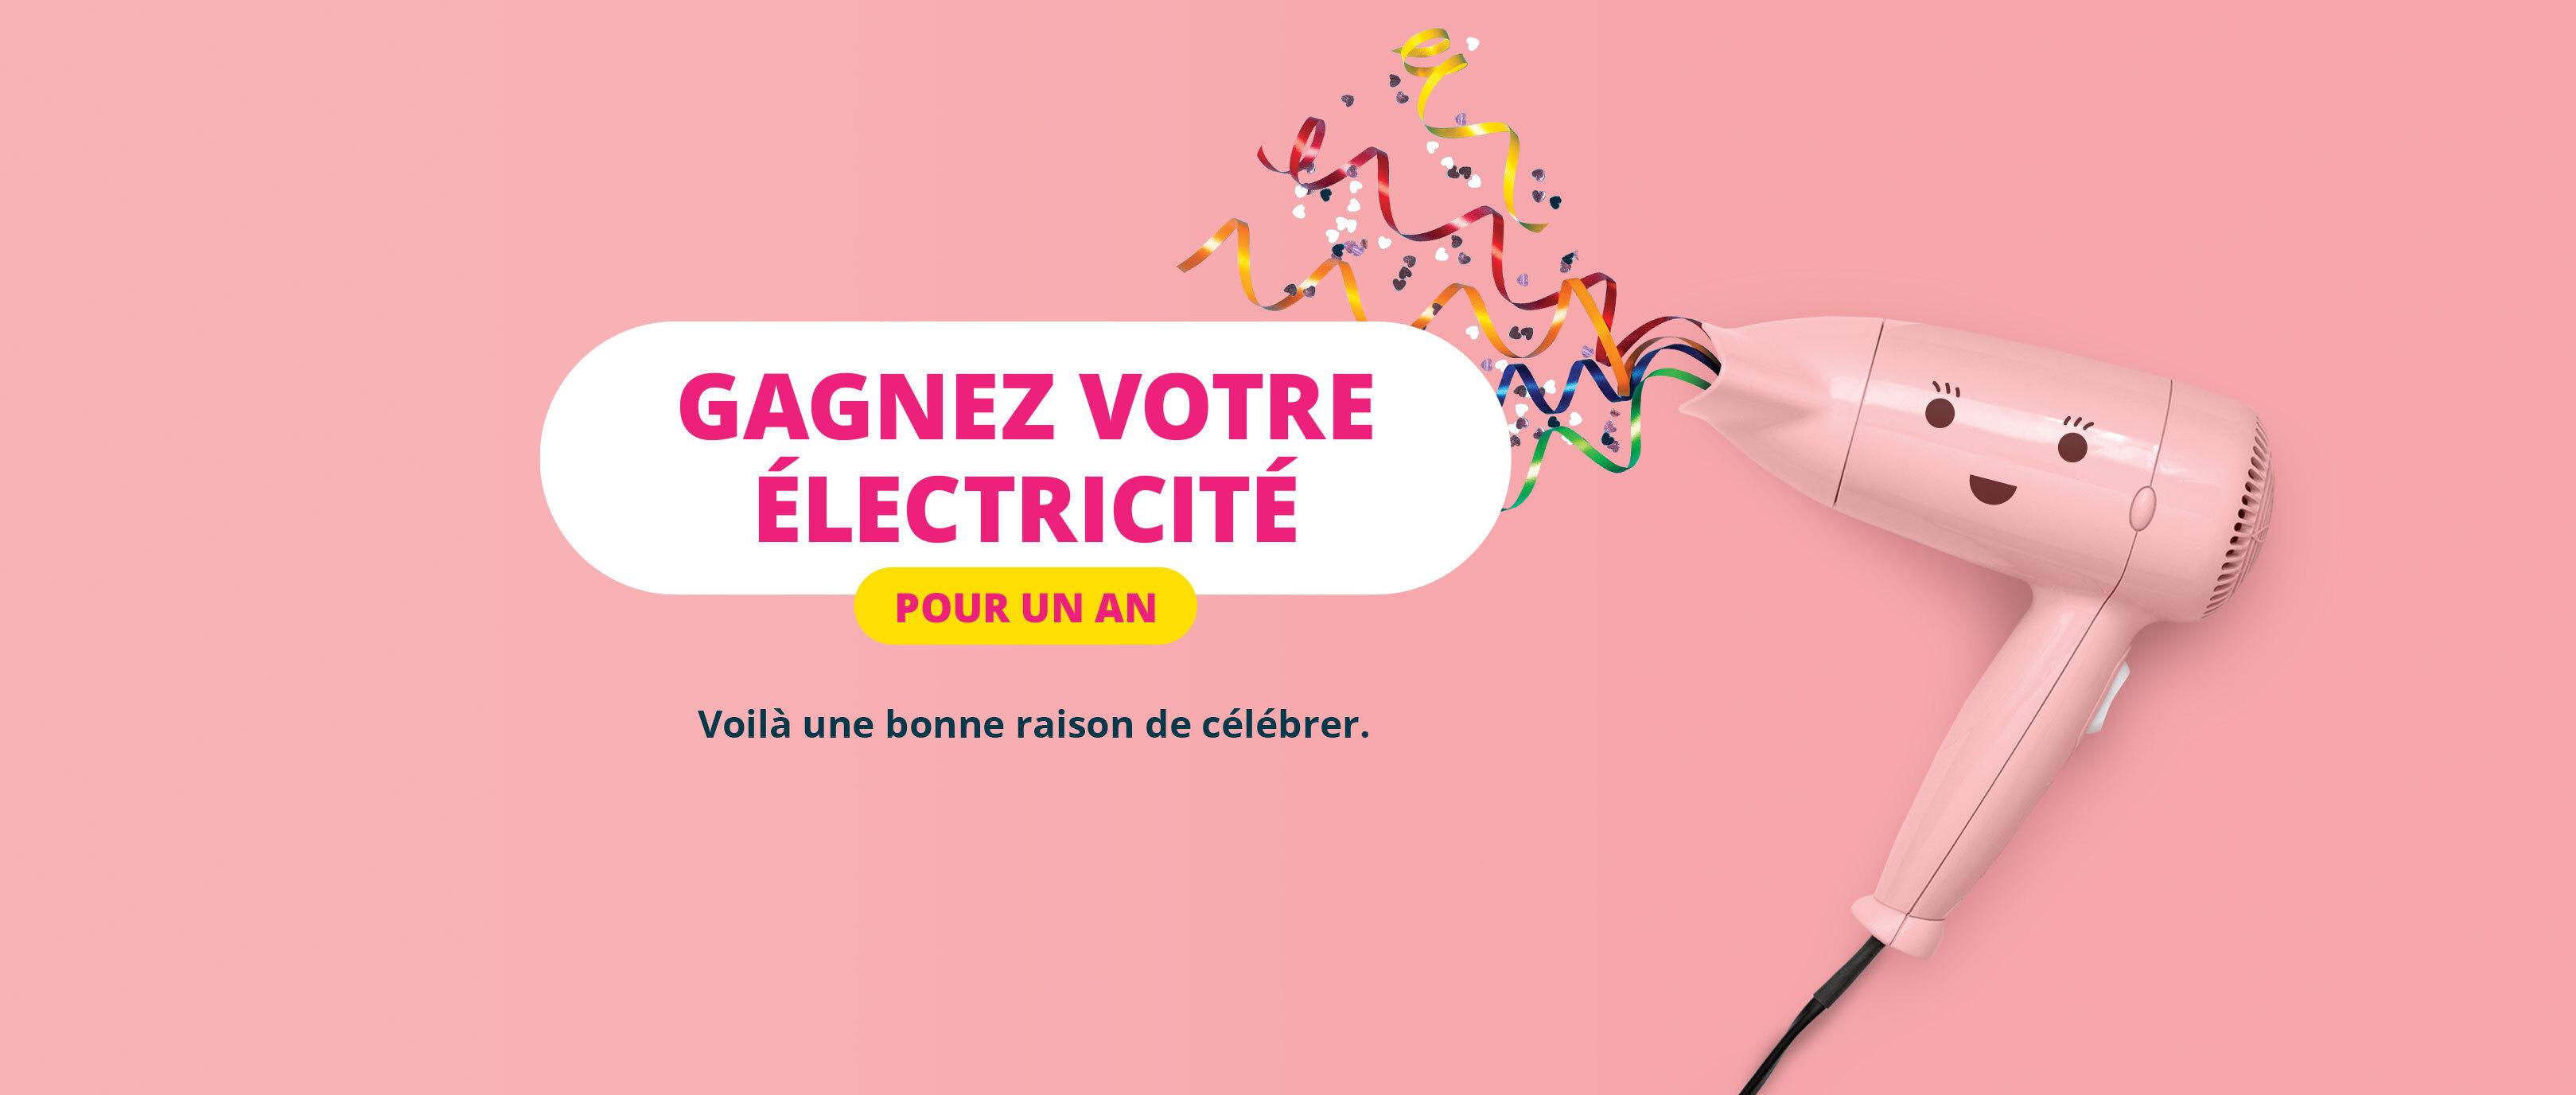 Gagnez votre électricité pour un an. Voilà une bonne raison de célébrer.